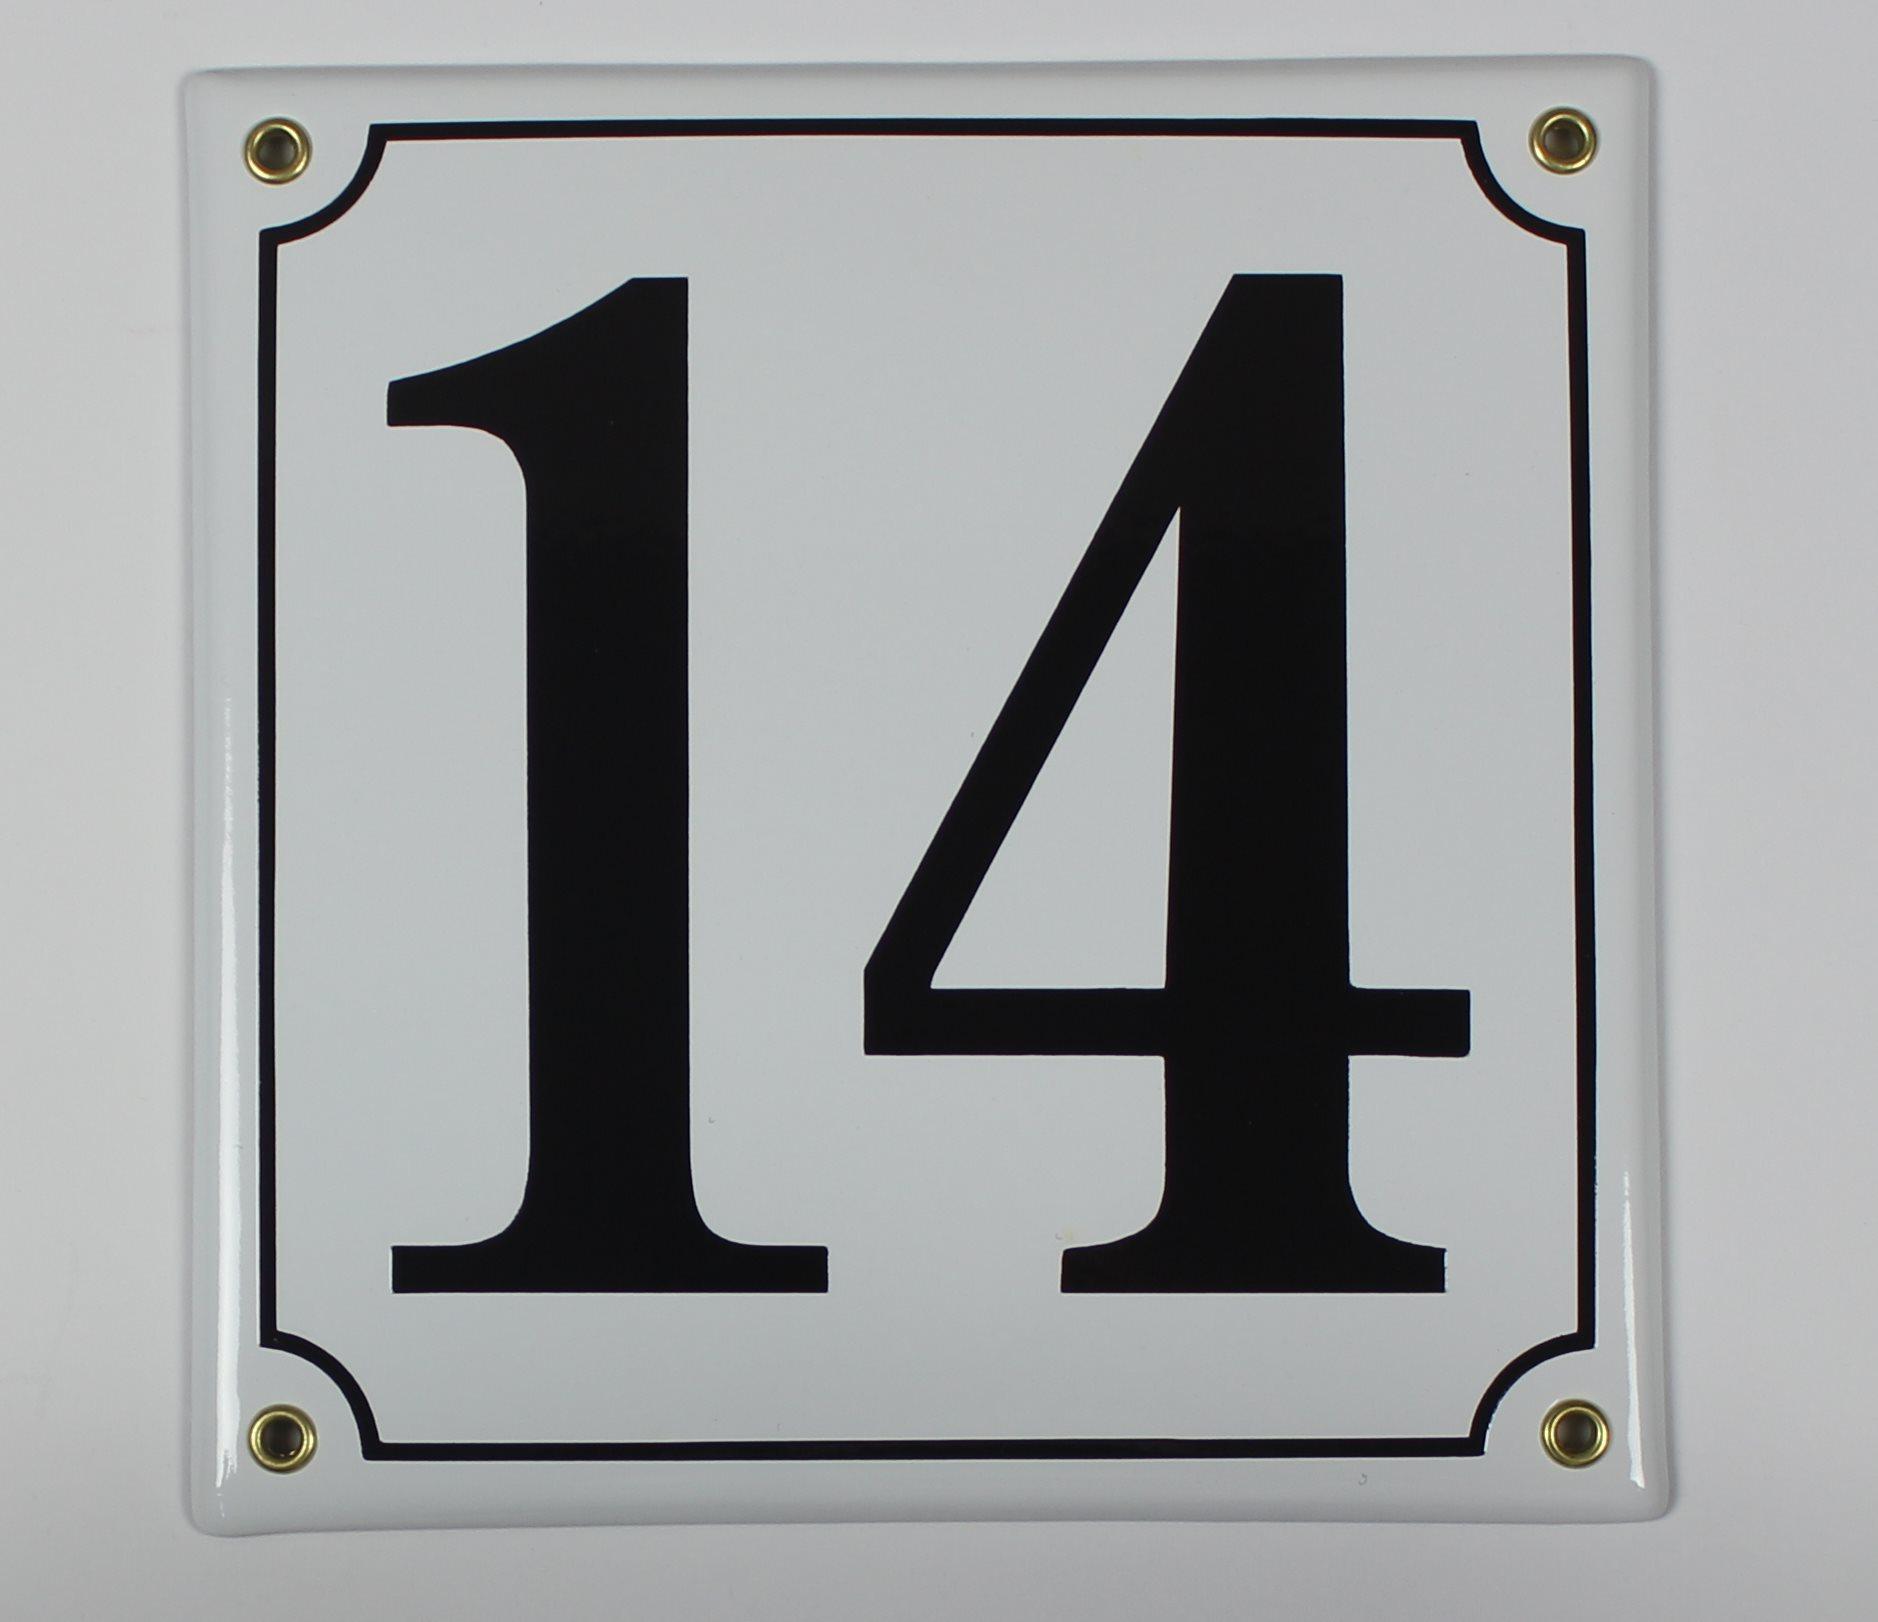 gr/ün sofort lieferbar Buddel Bini Wetterfestes Emaille Hausnummernschild 16 12 x 14 cm